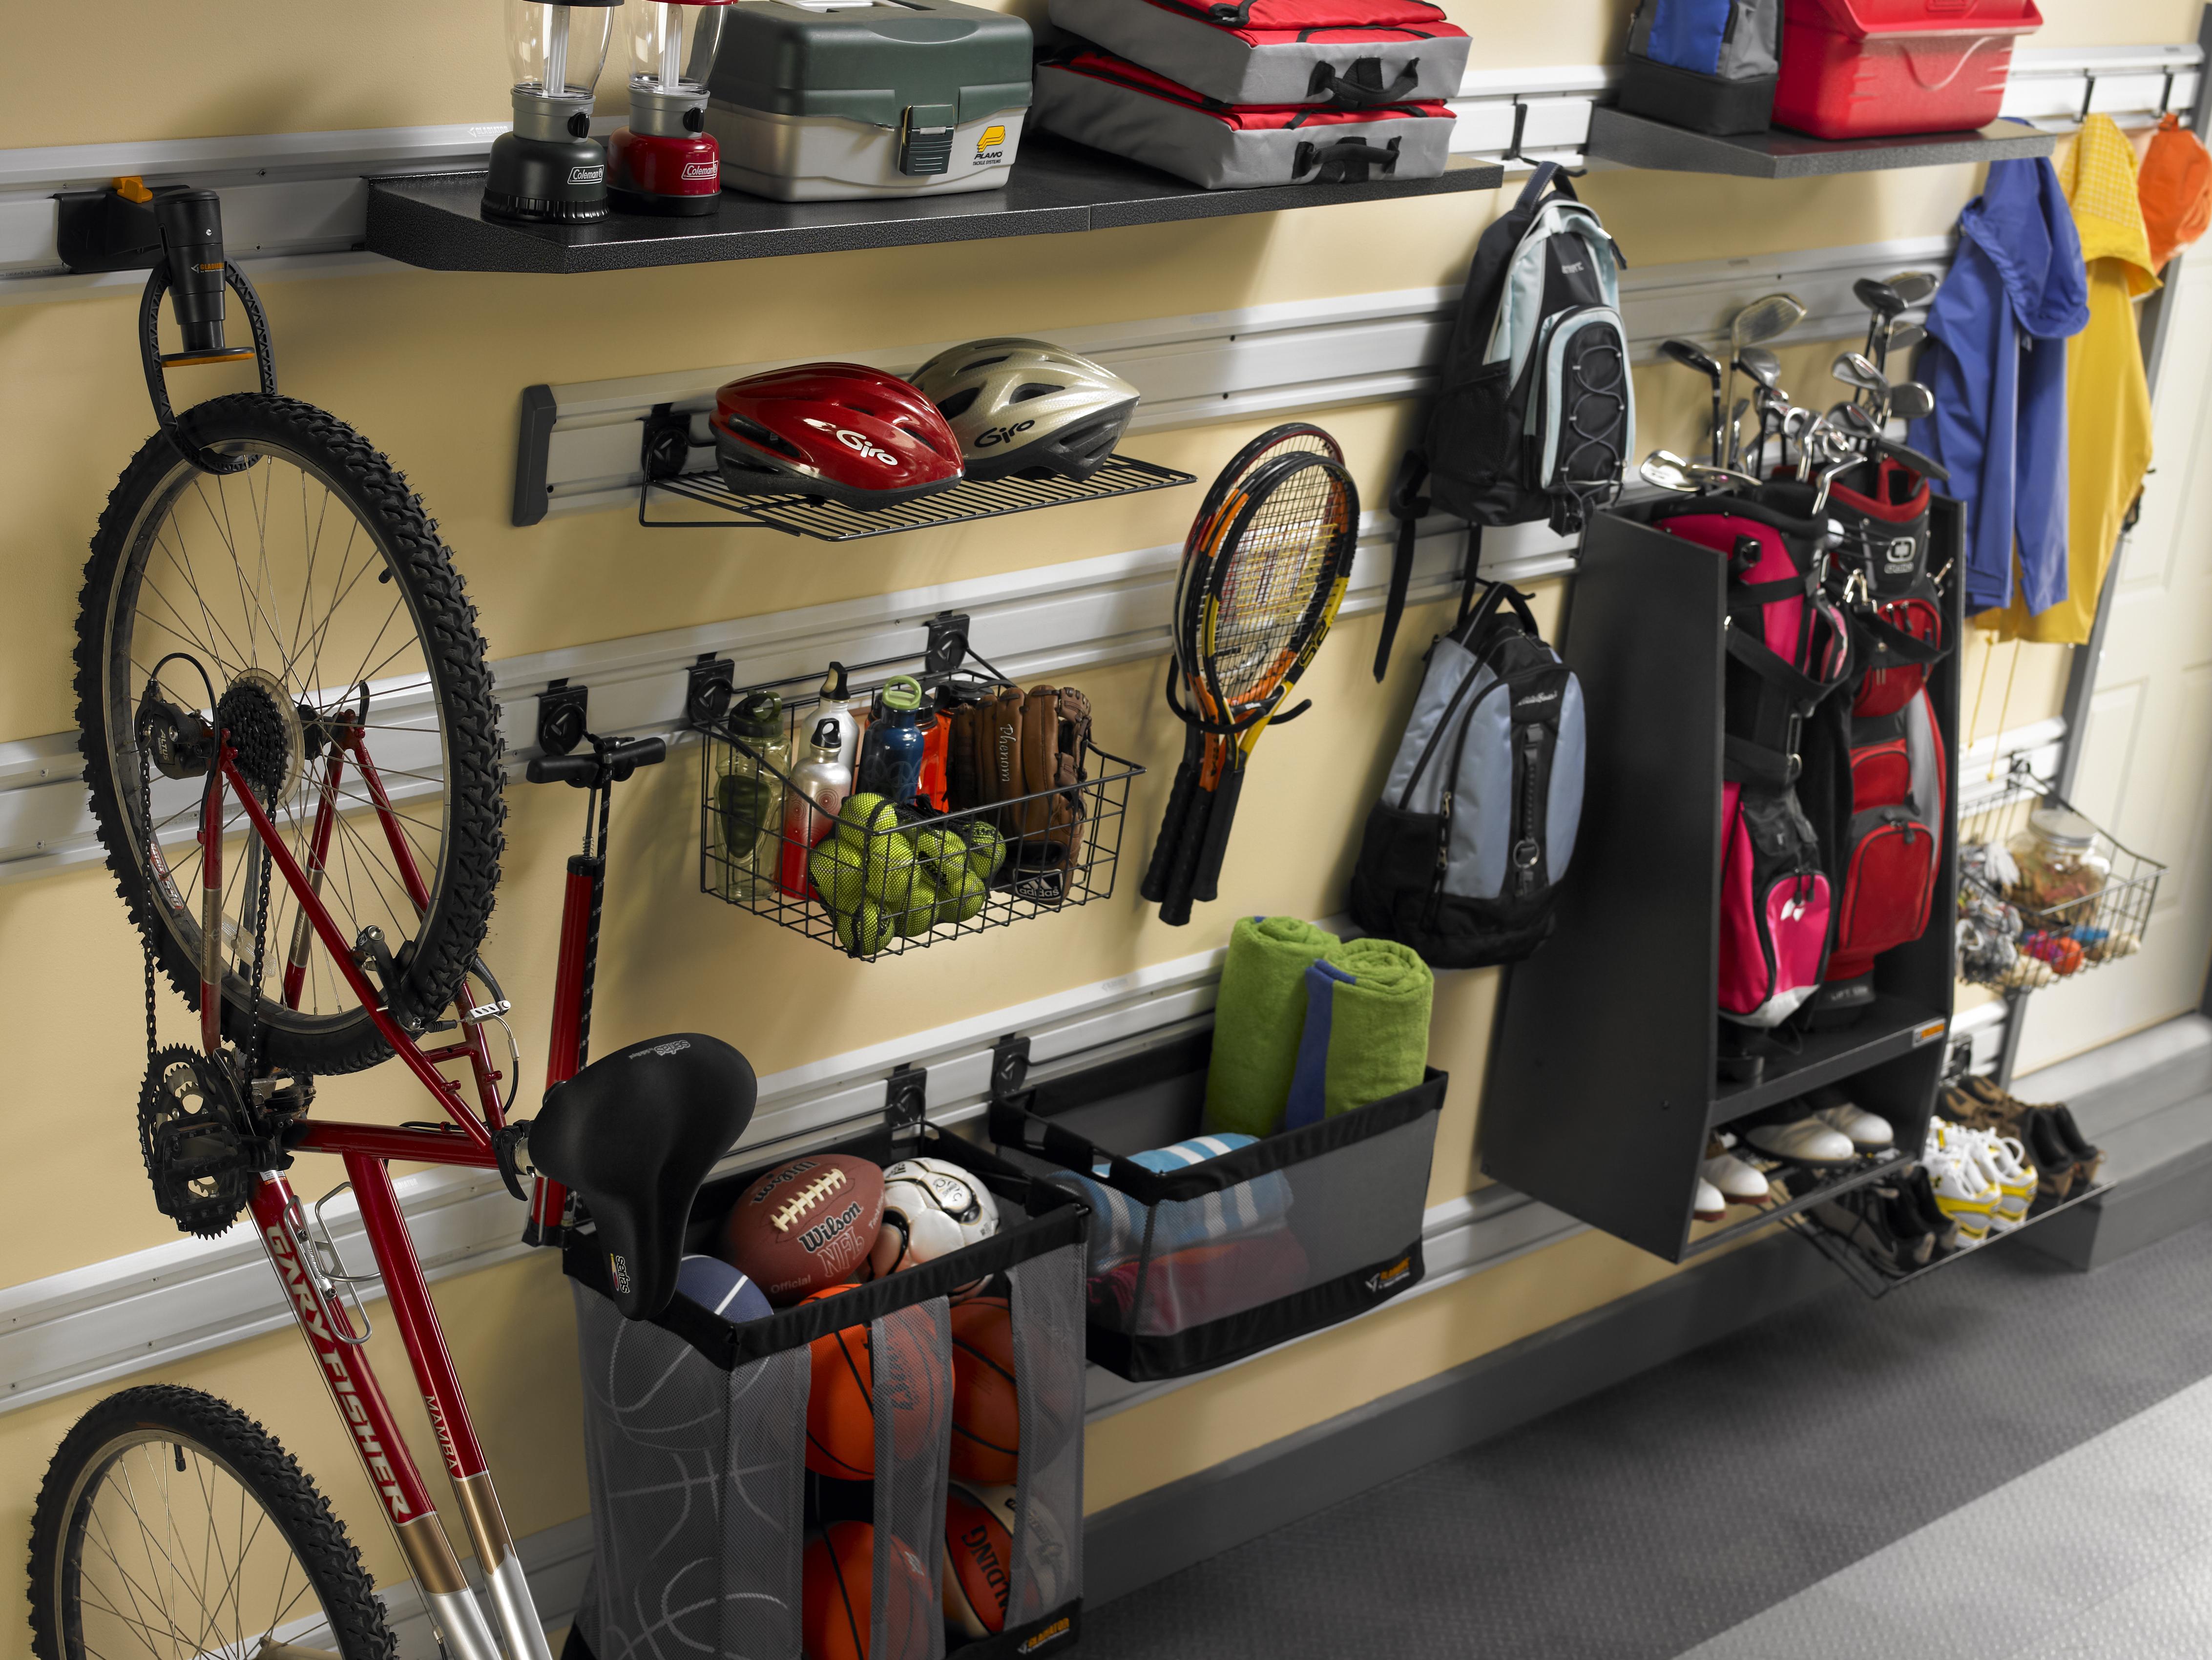 garage sports storage photo - 1